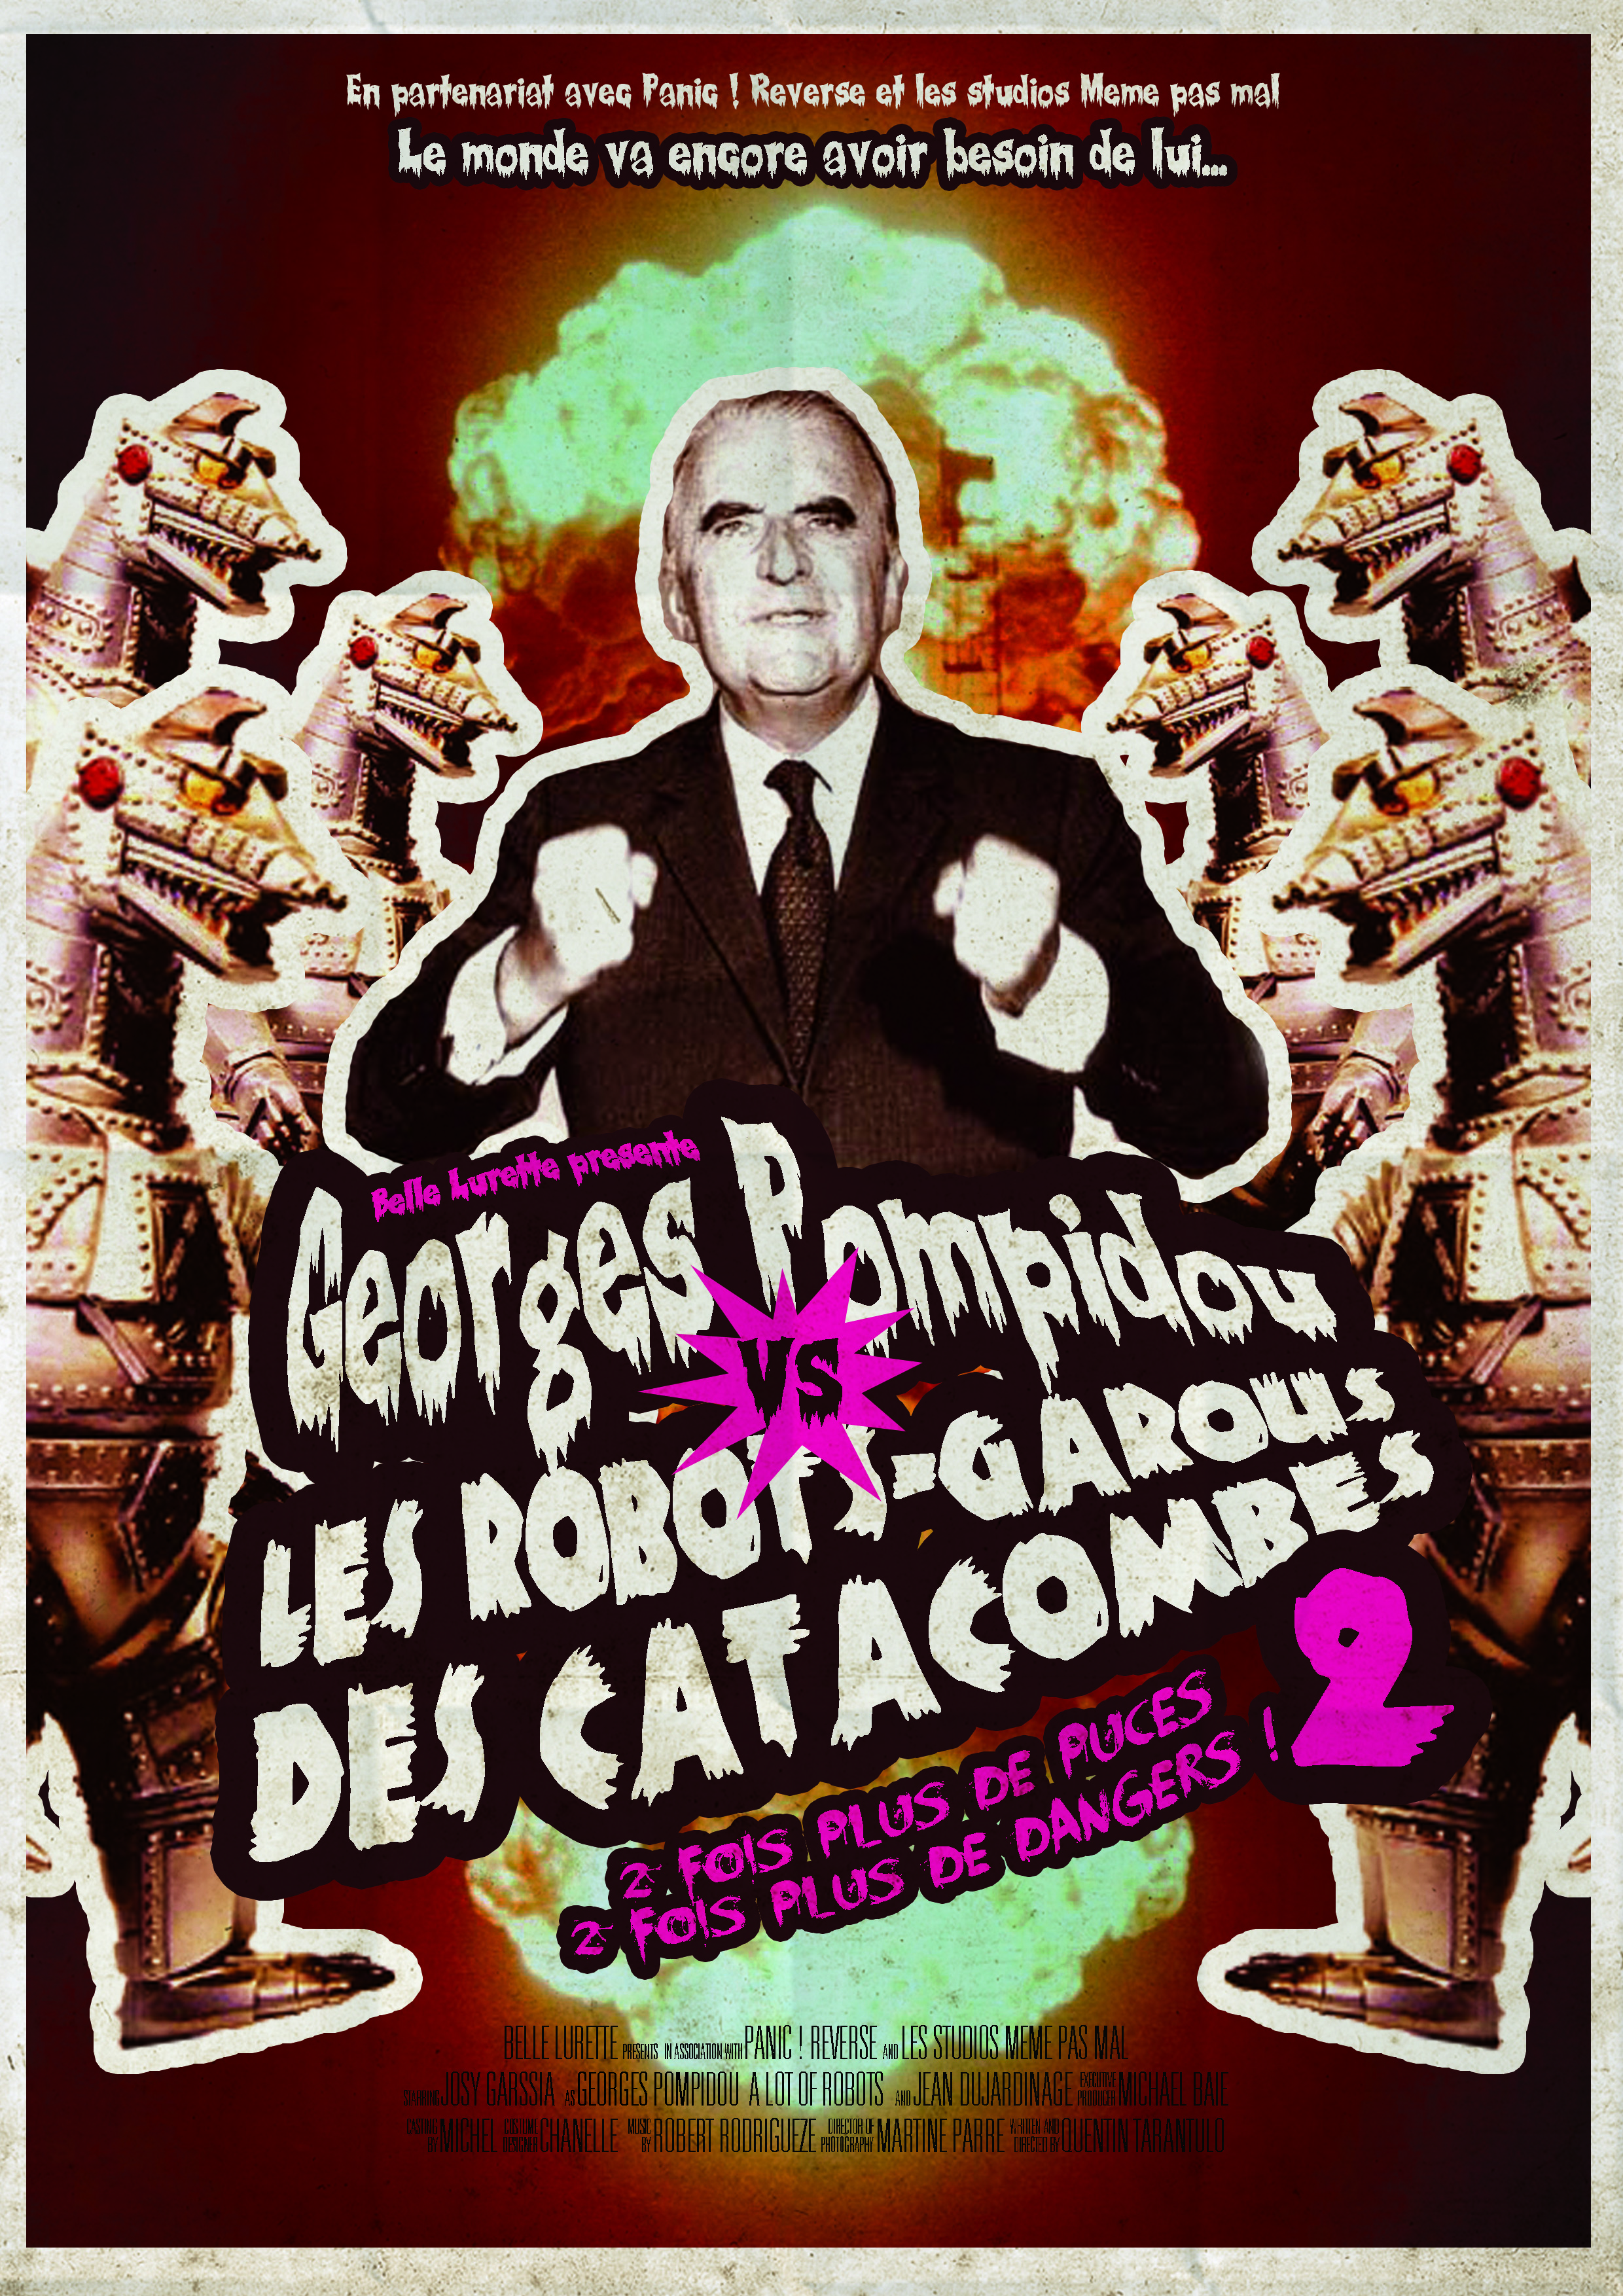 Geroges Pompidou vs les robots garous des catacombes - Atelier Belle Lurette